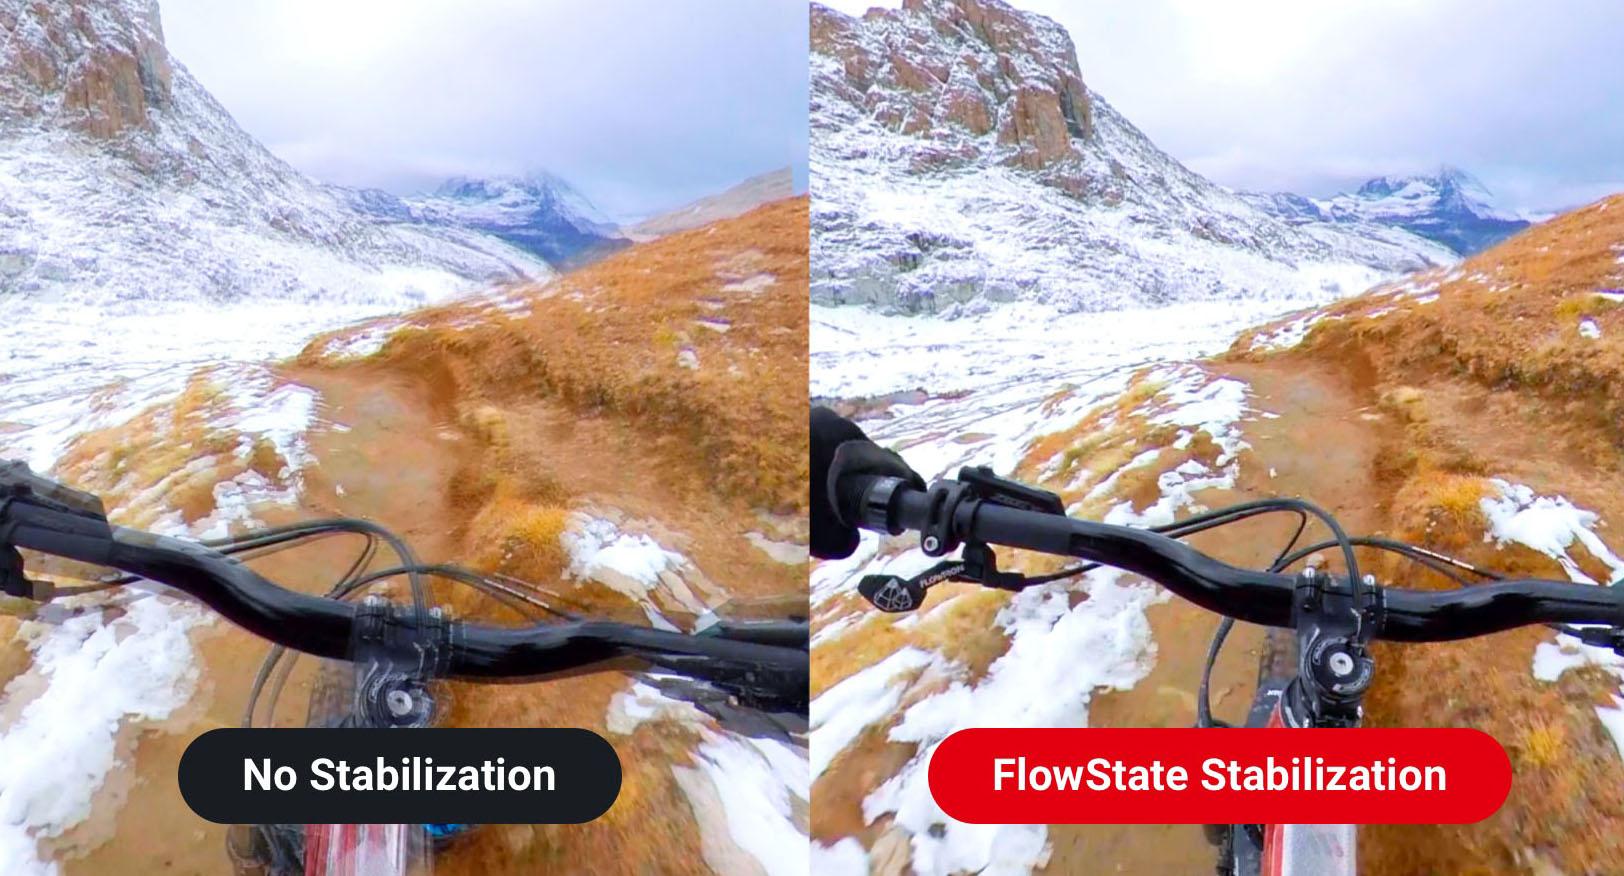 изображения стабилизации FlowState на камере Insta360 ONE R